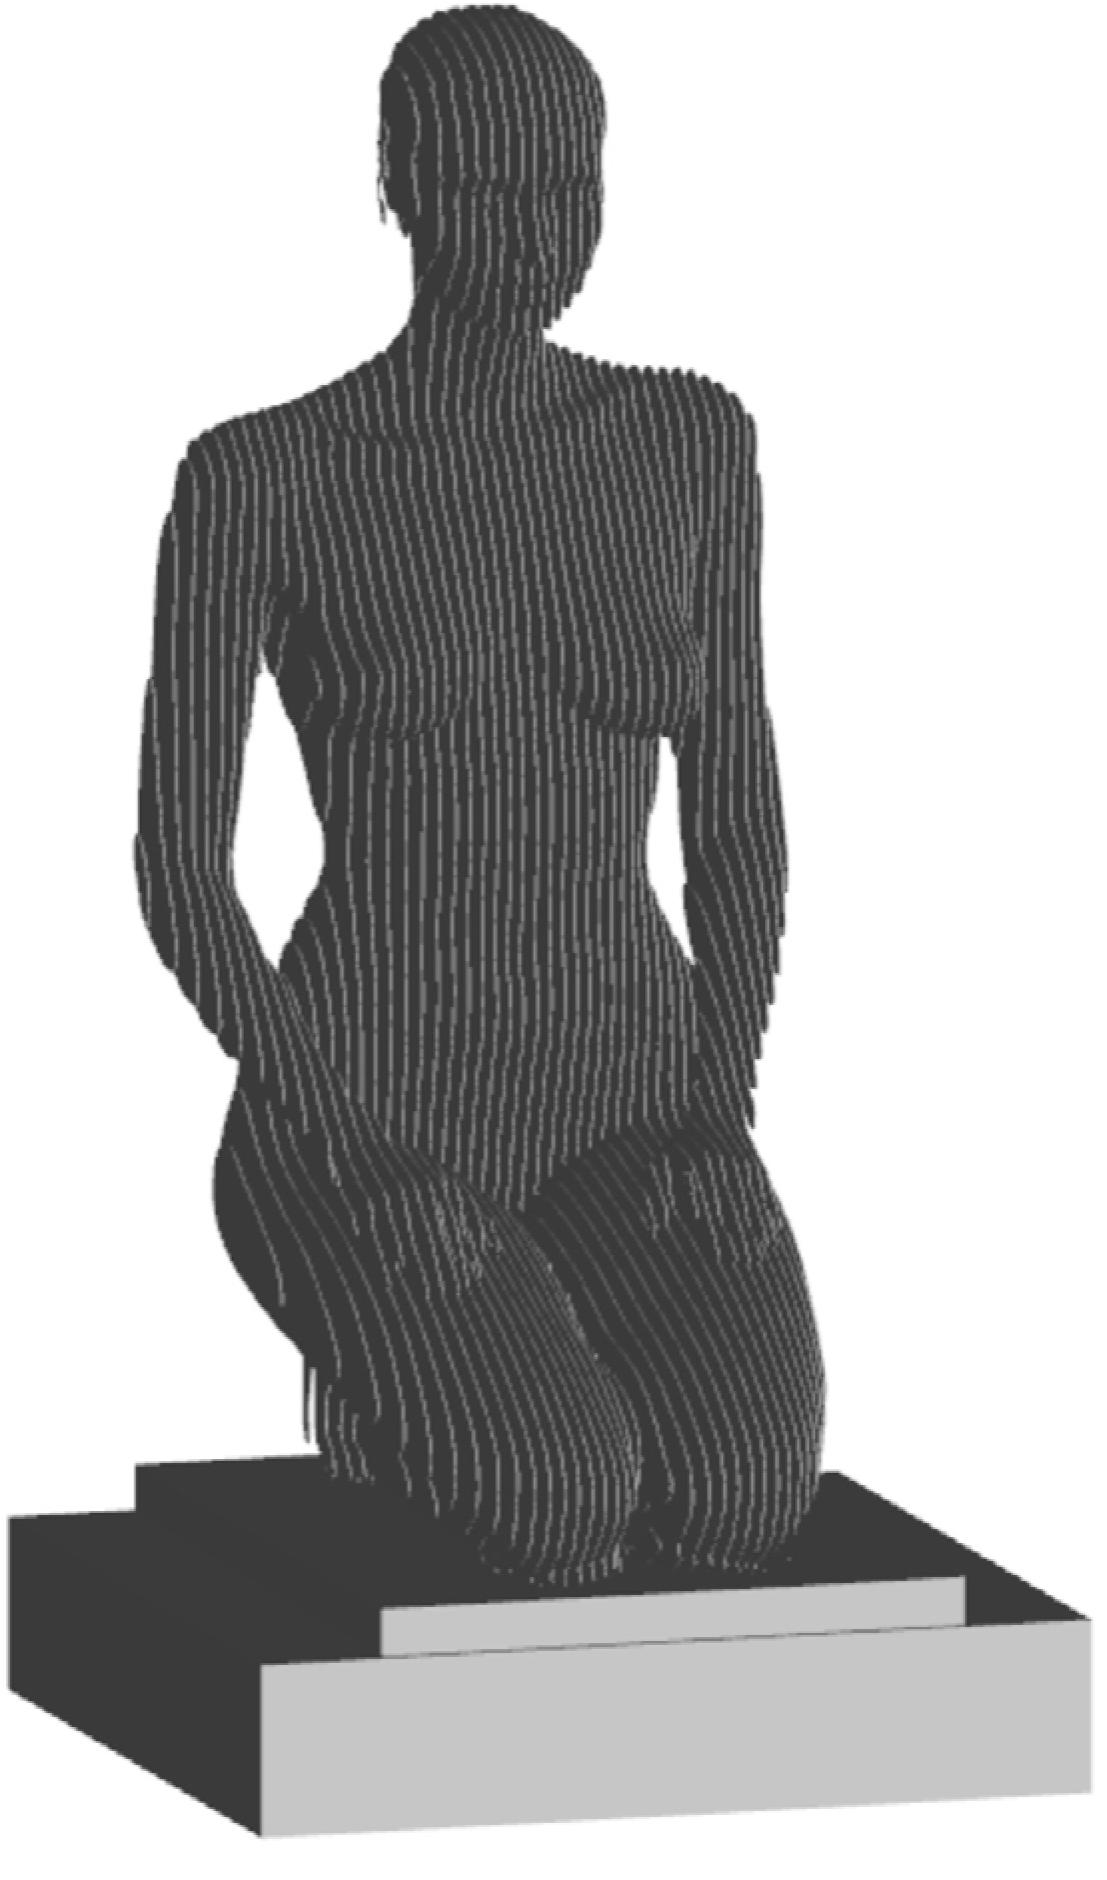 Kneeling Woman 2021 sketch